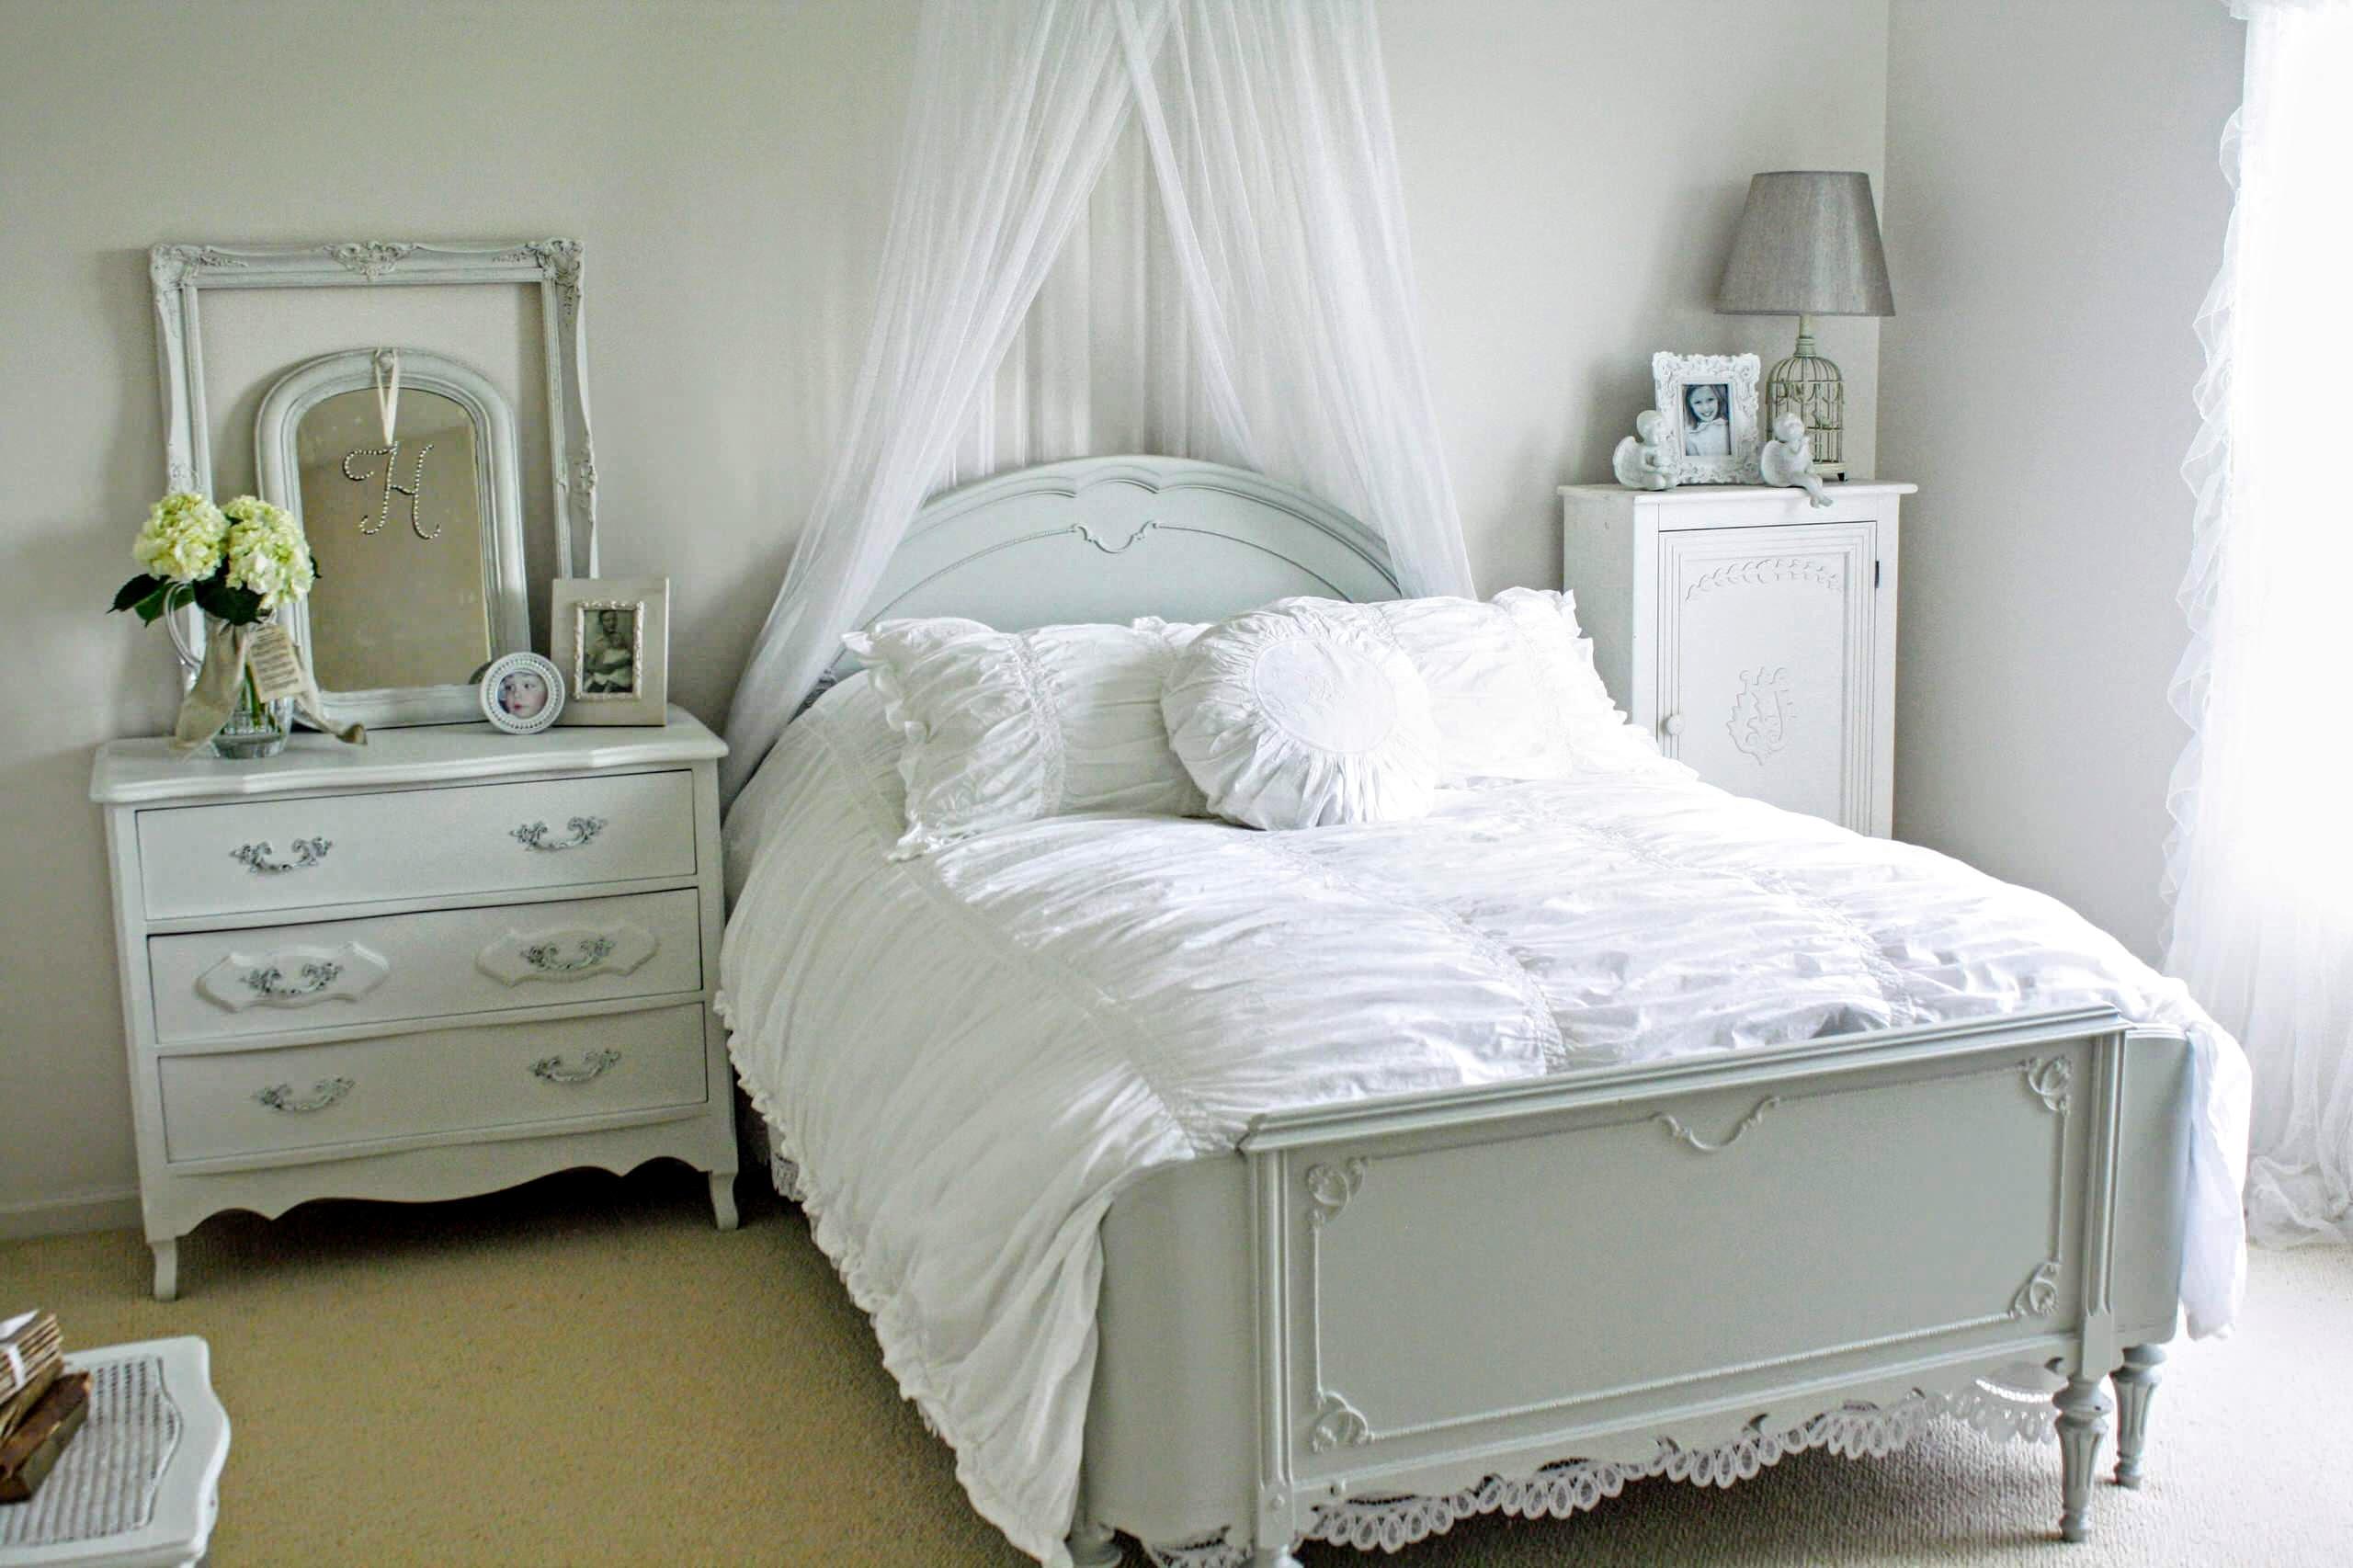 home-design (39)a